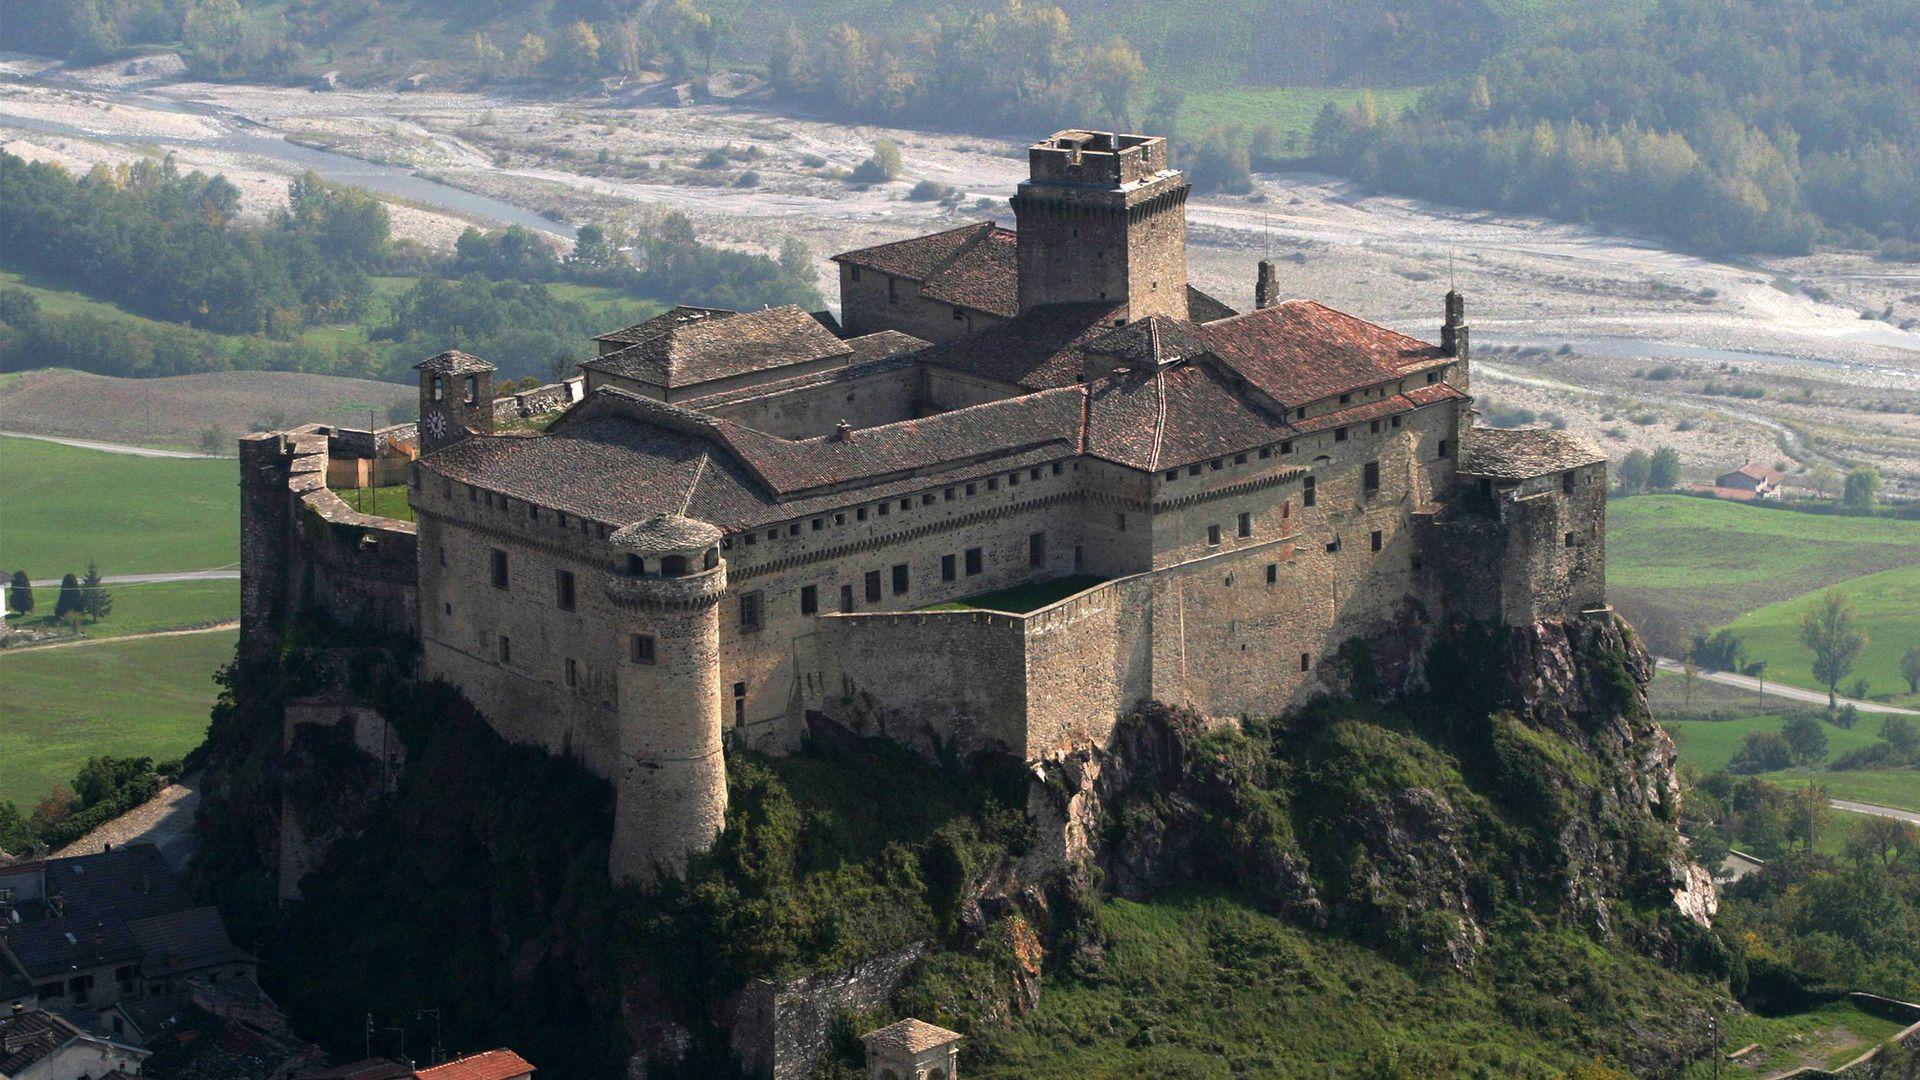 Wallpaper of hilltop castle Italian castle, European